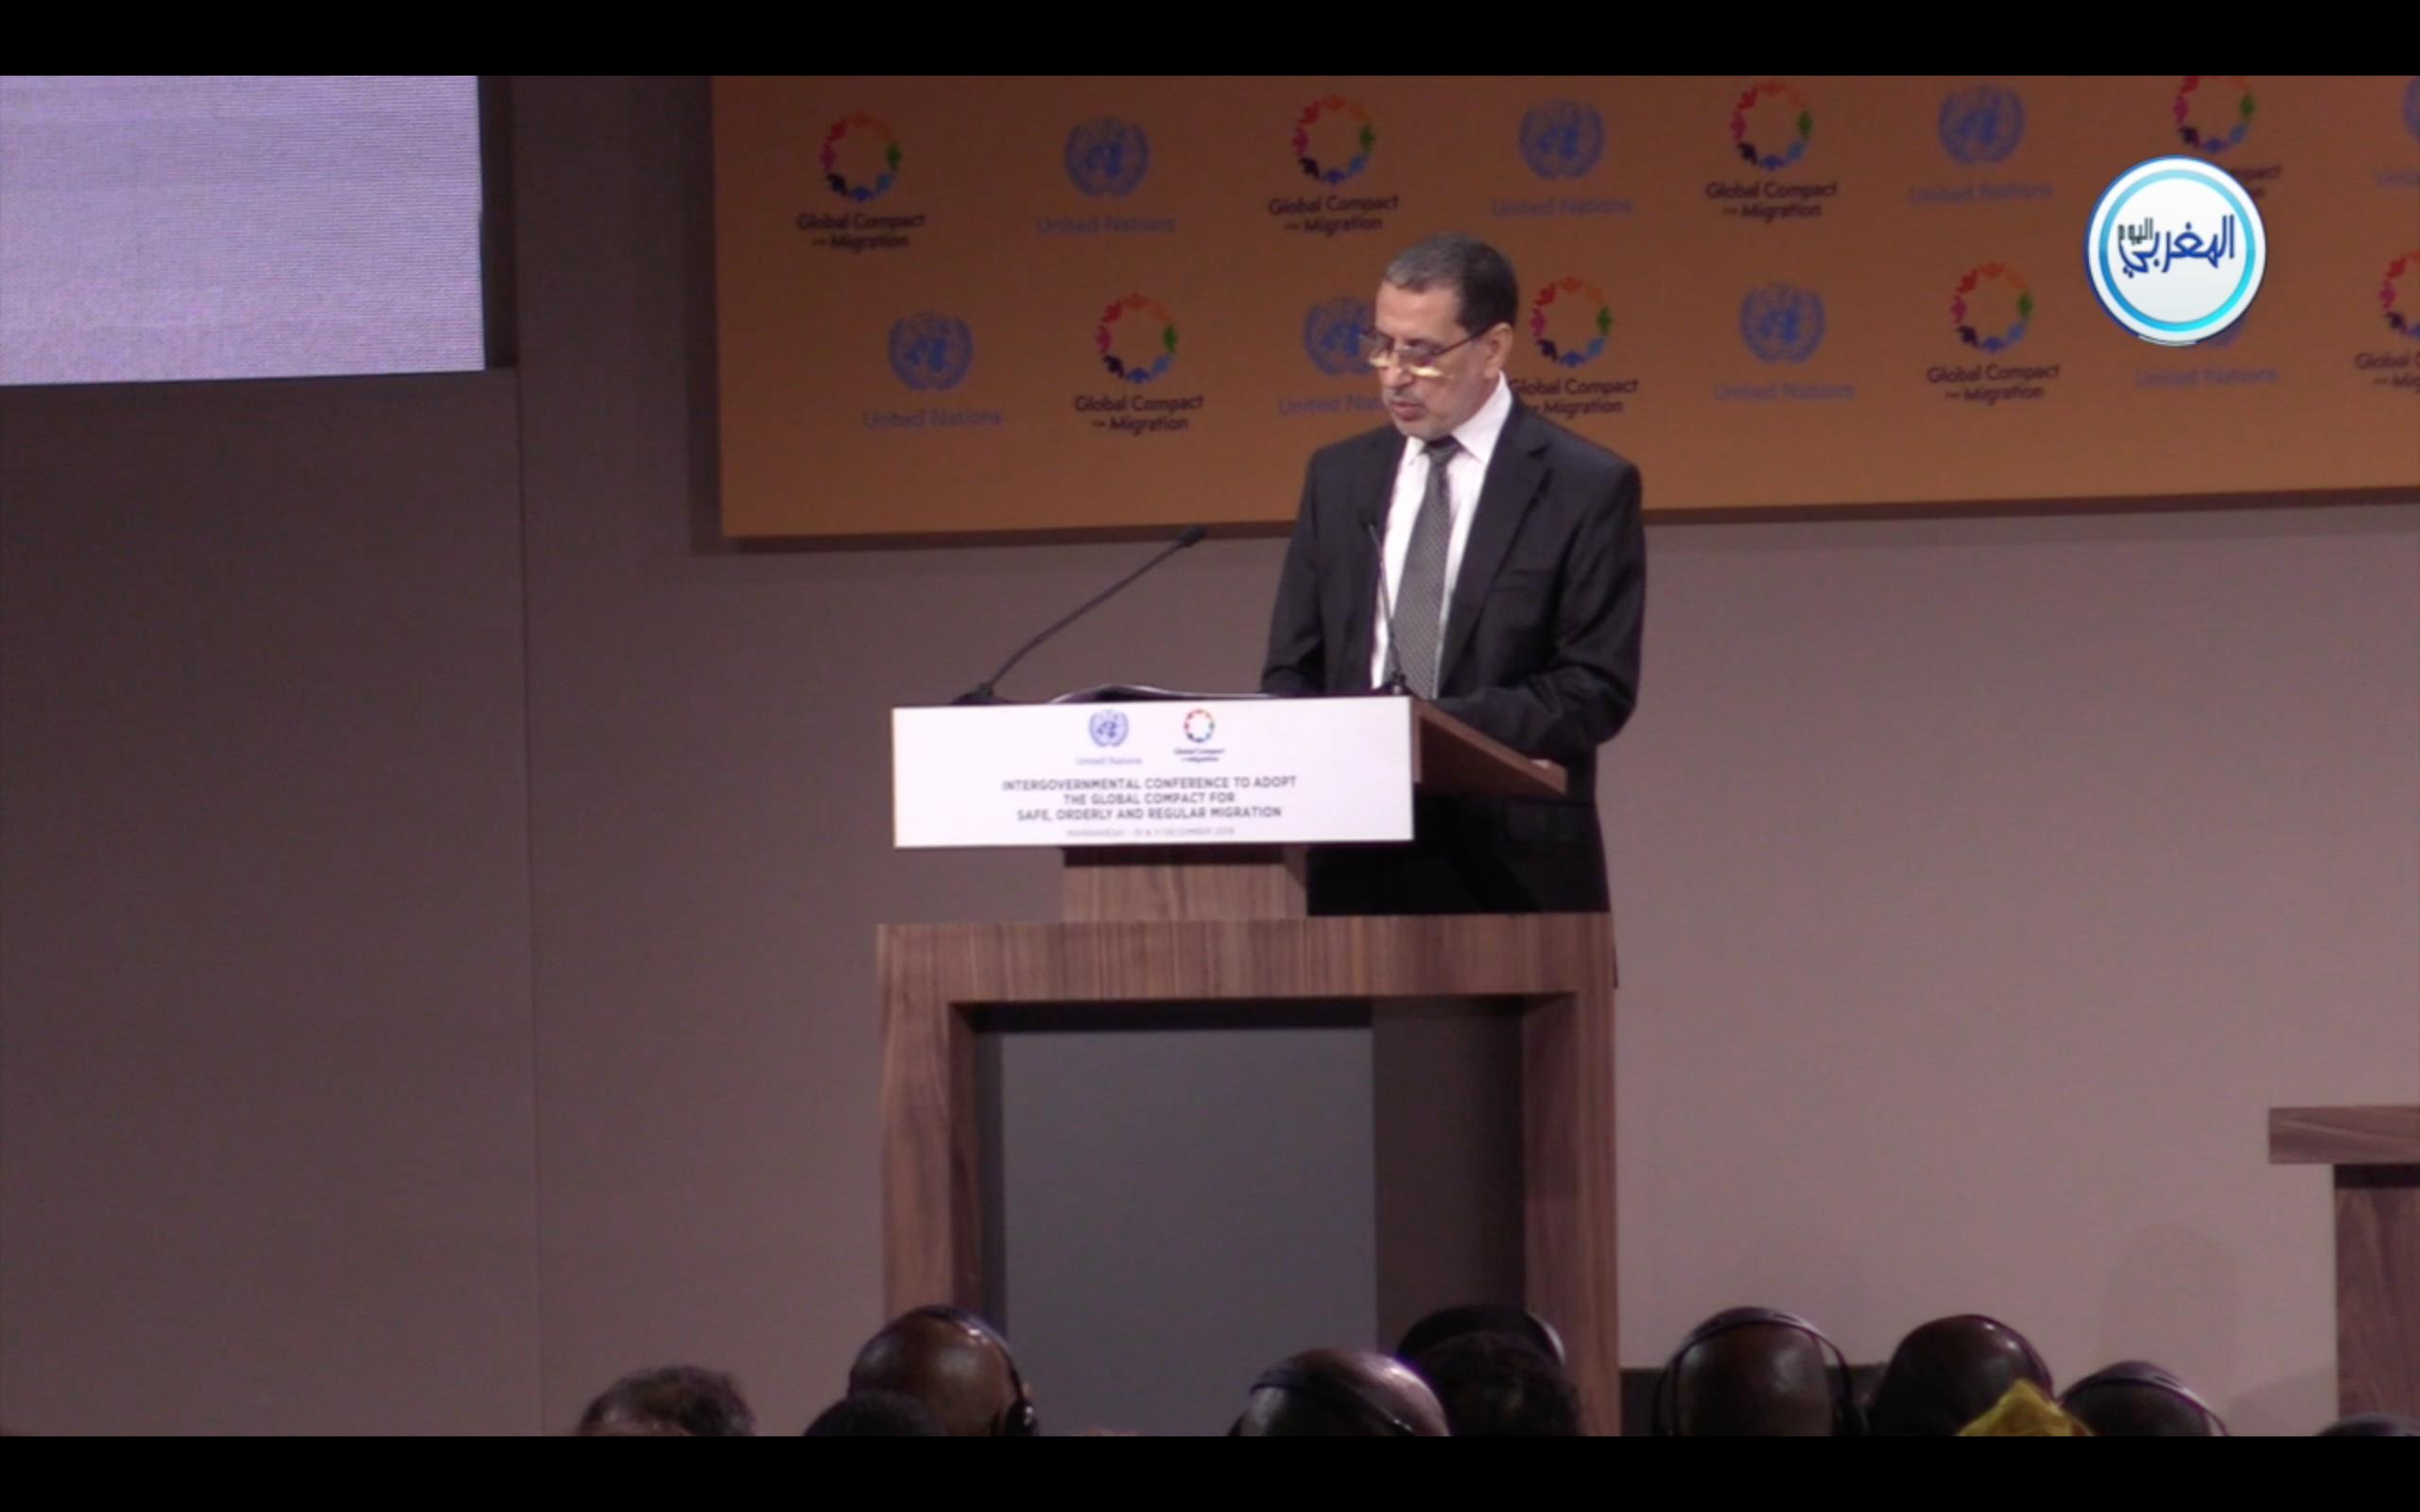 بالفيديو… الرسالة الملكية الموجهة للمؤتمر الحكومي الدولي حول الهجرة بمراكش